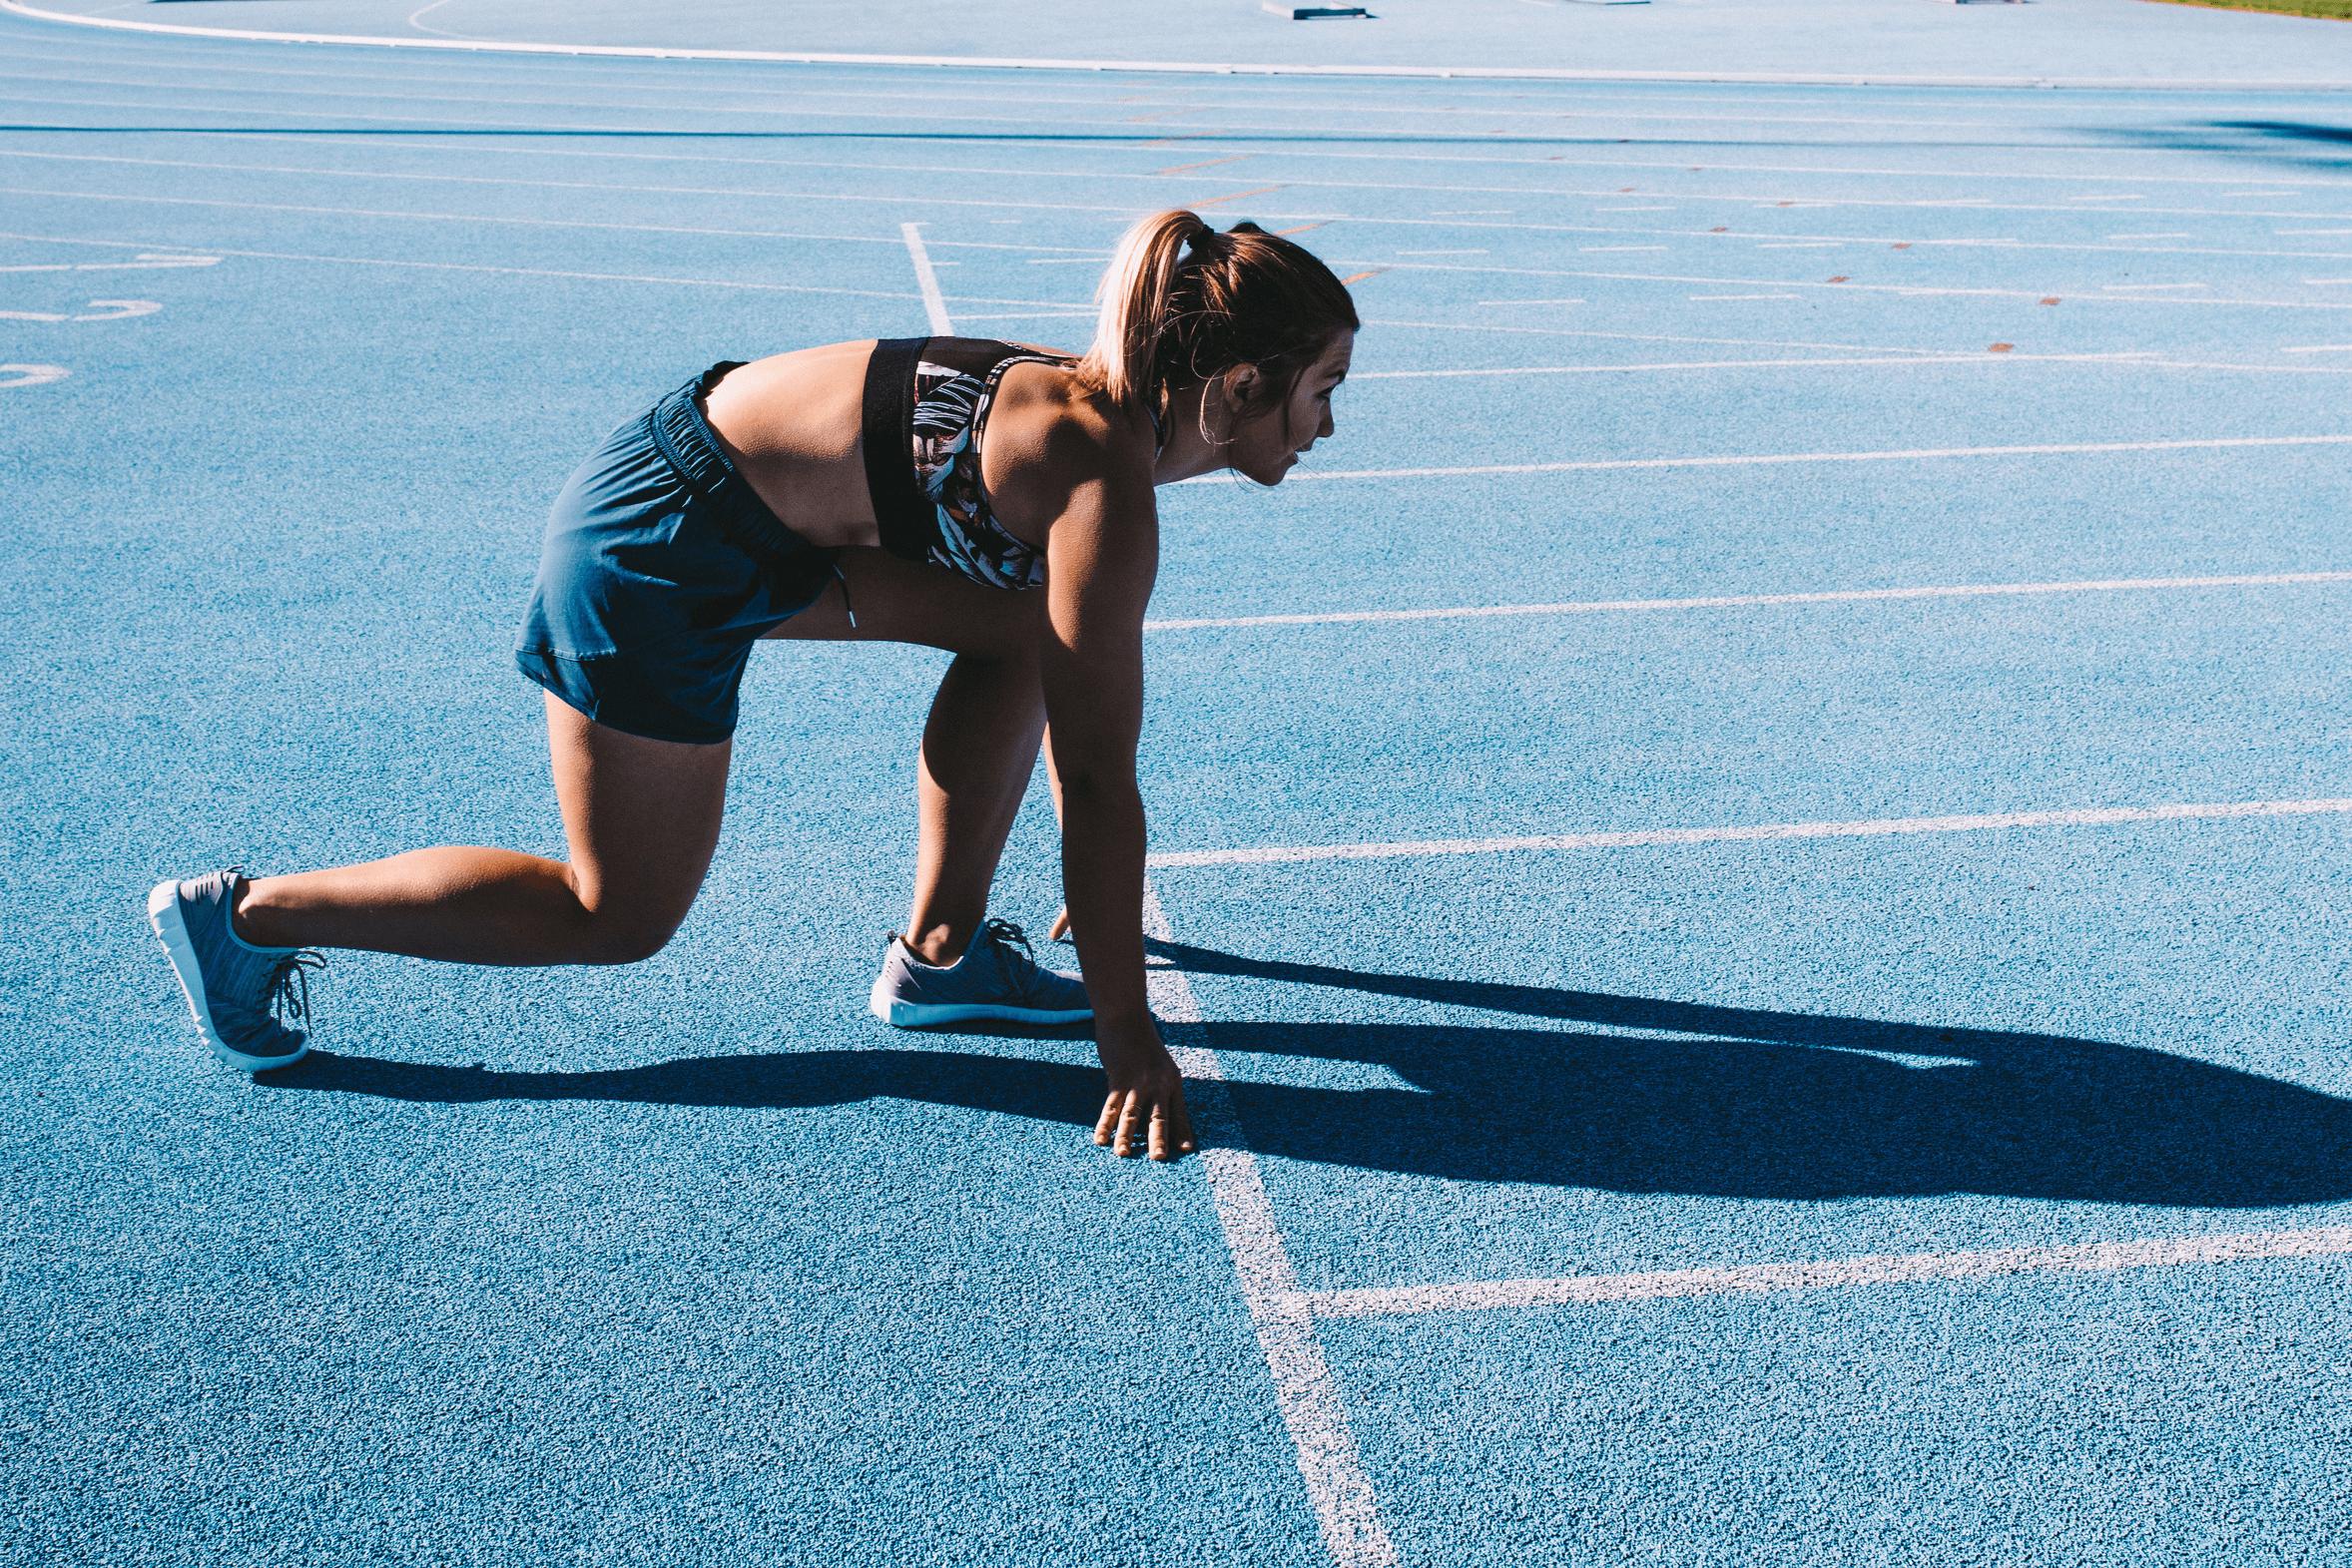 Läuferin als Beispiel für Motivation